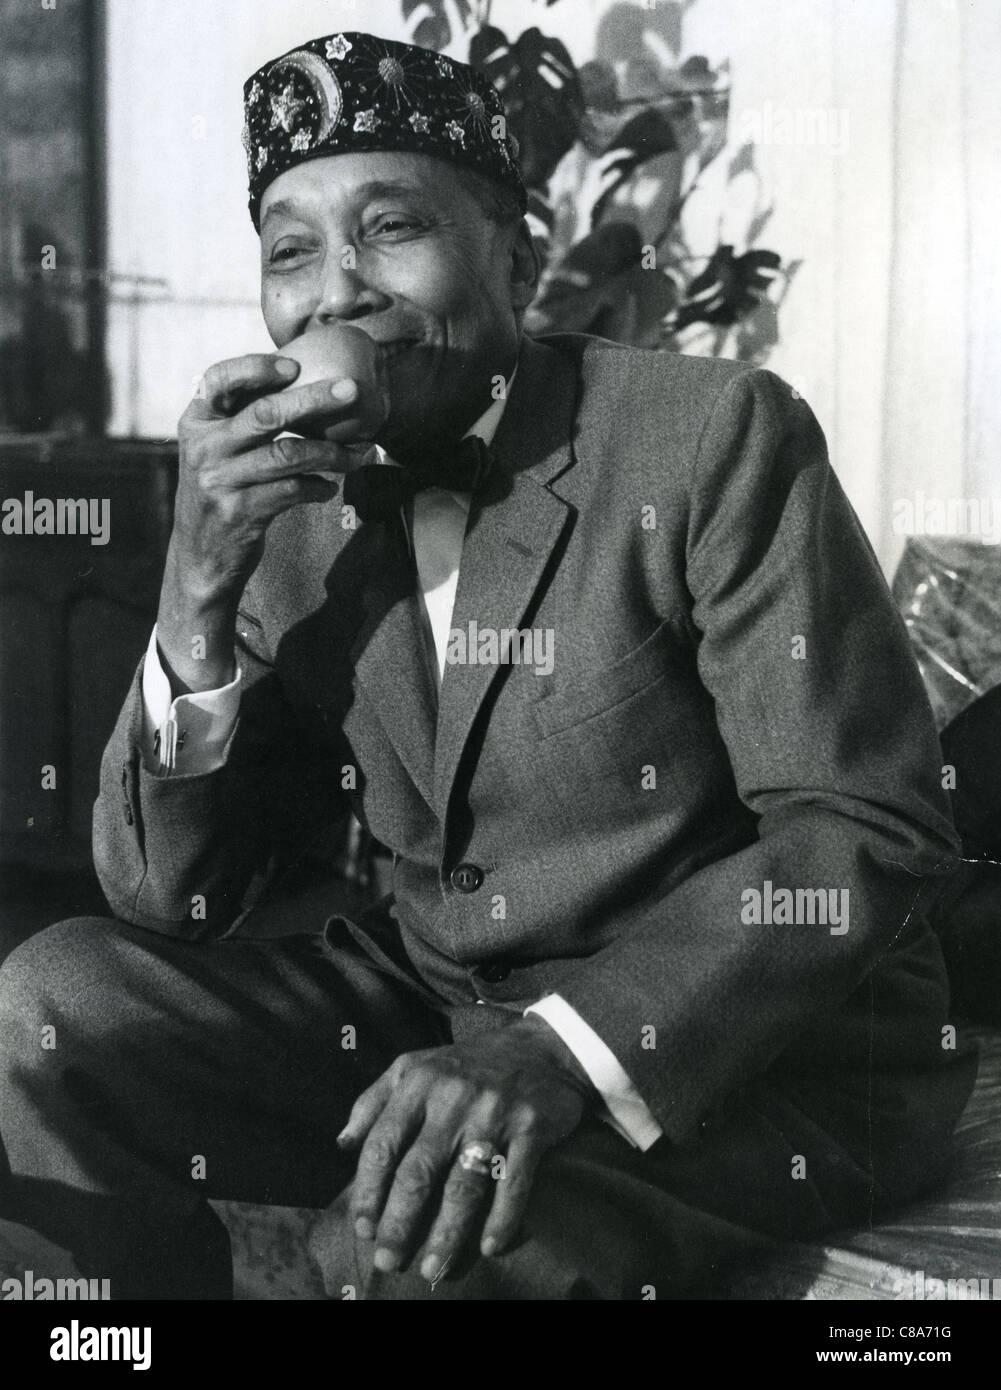 Elia Muhammad (1897-1975) americano africano leader della nazione dell'Islam. Foto di Robert Lucas Immagini Stock